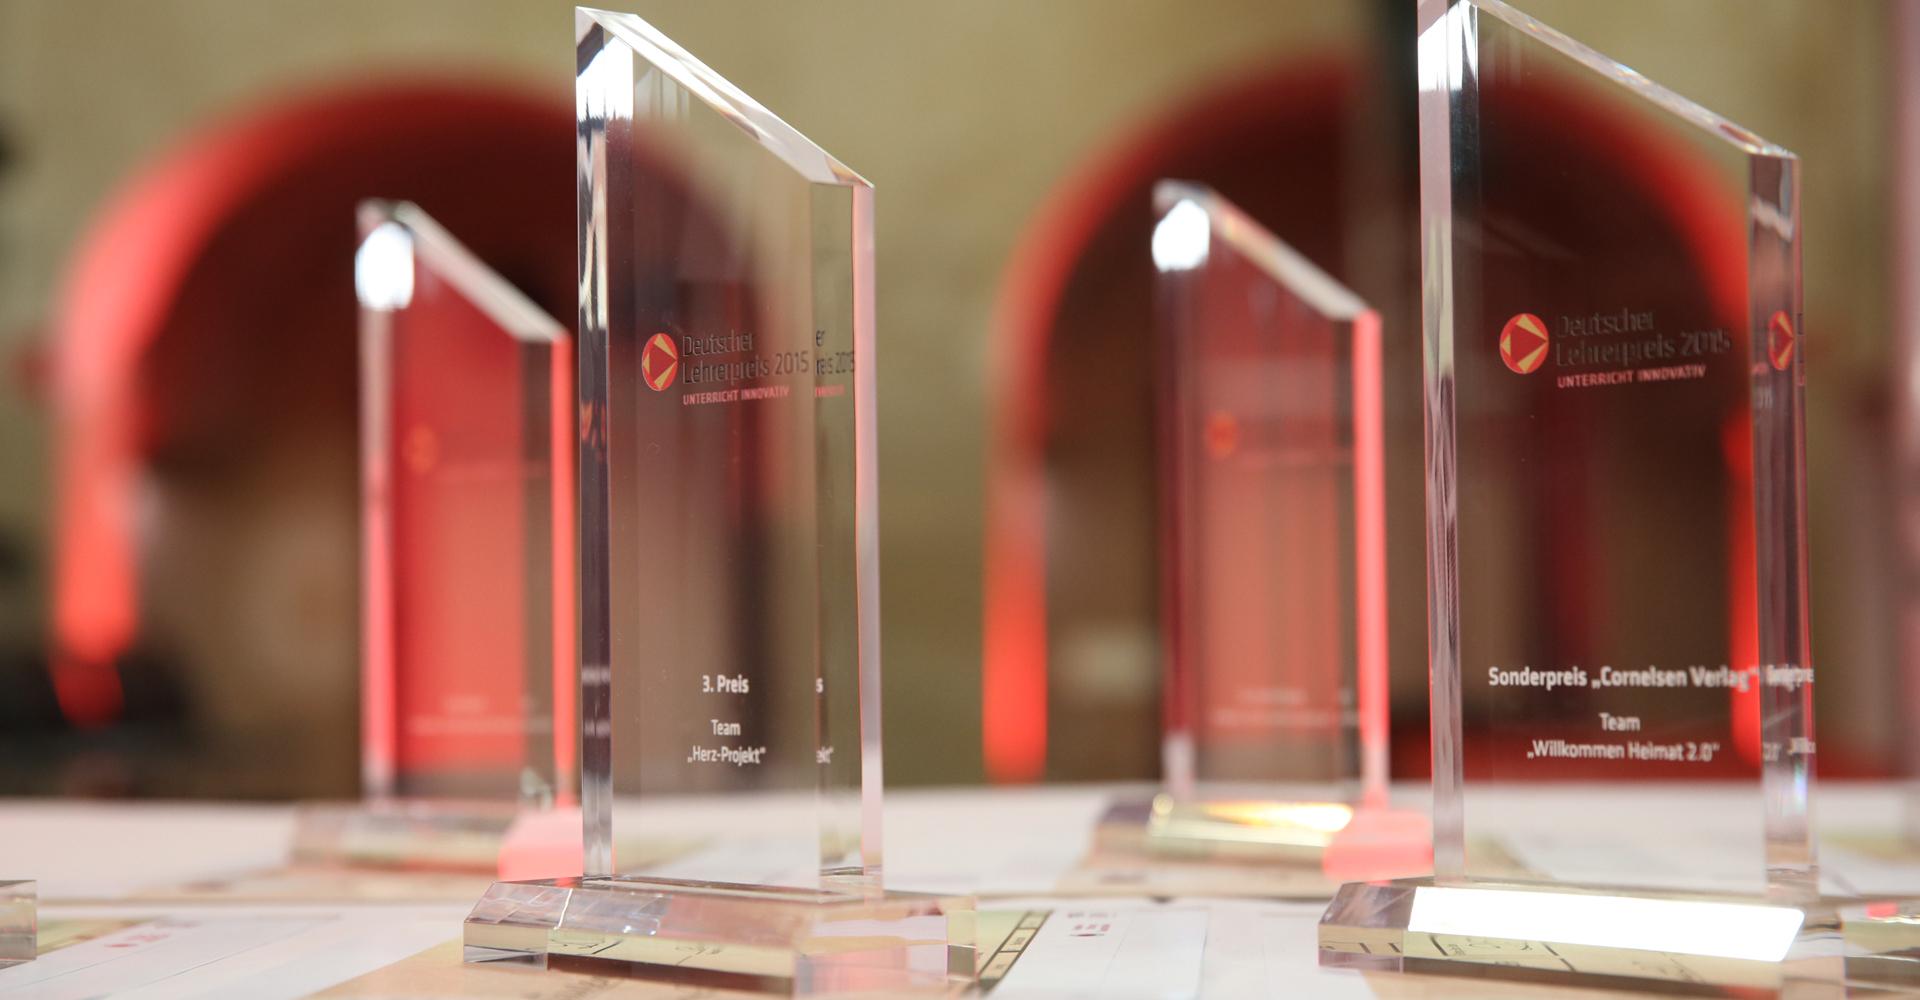 Deutscher Lehrerpreis 2018: Jetzt werden wieder innovative Helden der Schule gesucht